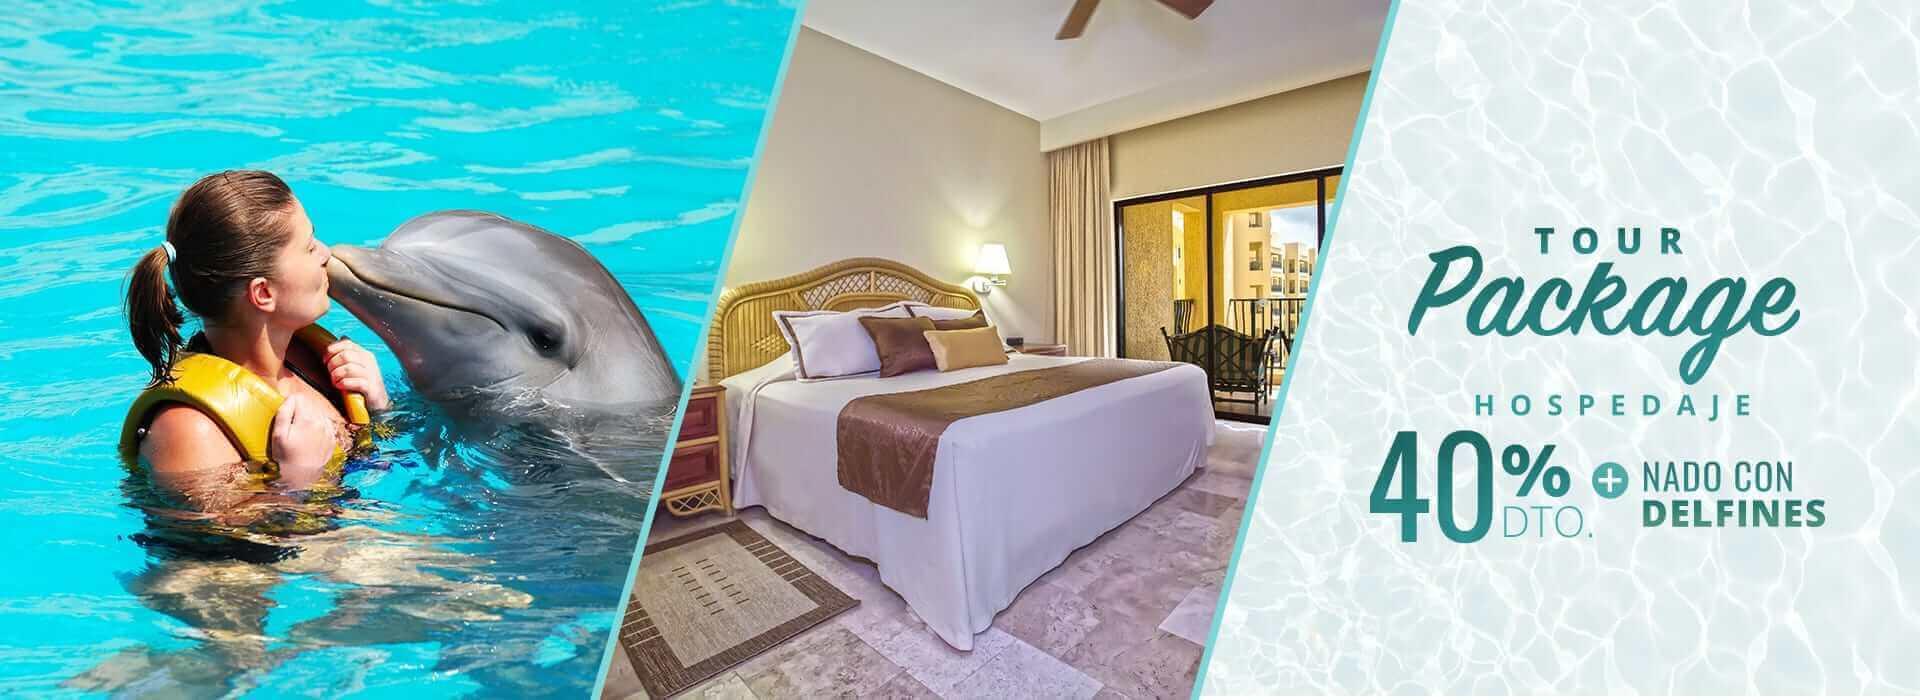 Nado con delfines en Cancún